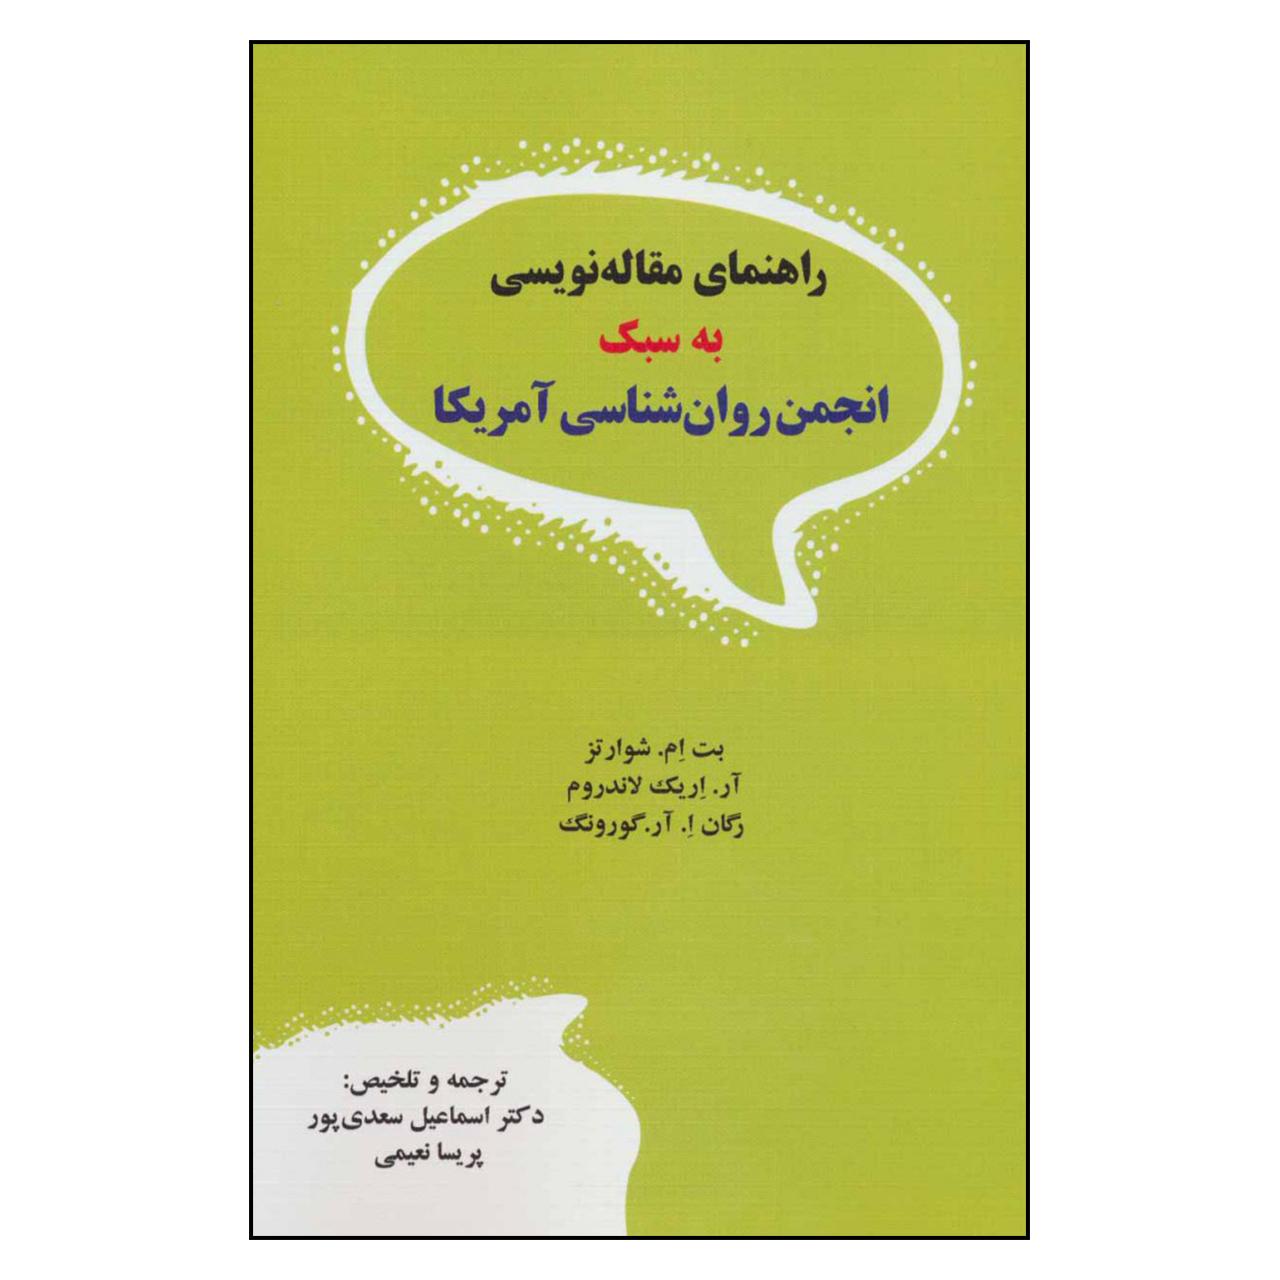 خرید                      کتاب راهنمای مقاله نویسی به سبک انجمن روان شناسی آمریکا اثر جمعی از نویسندگان انتشارات دیدار